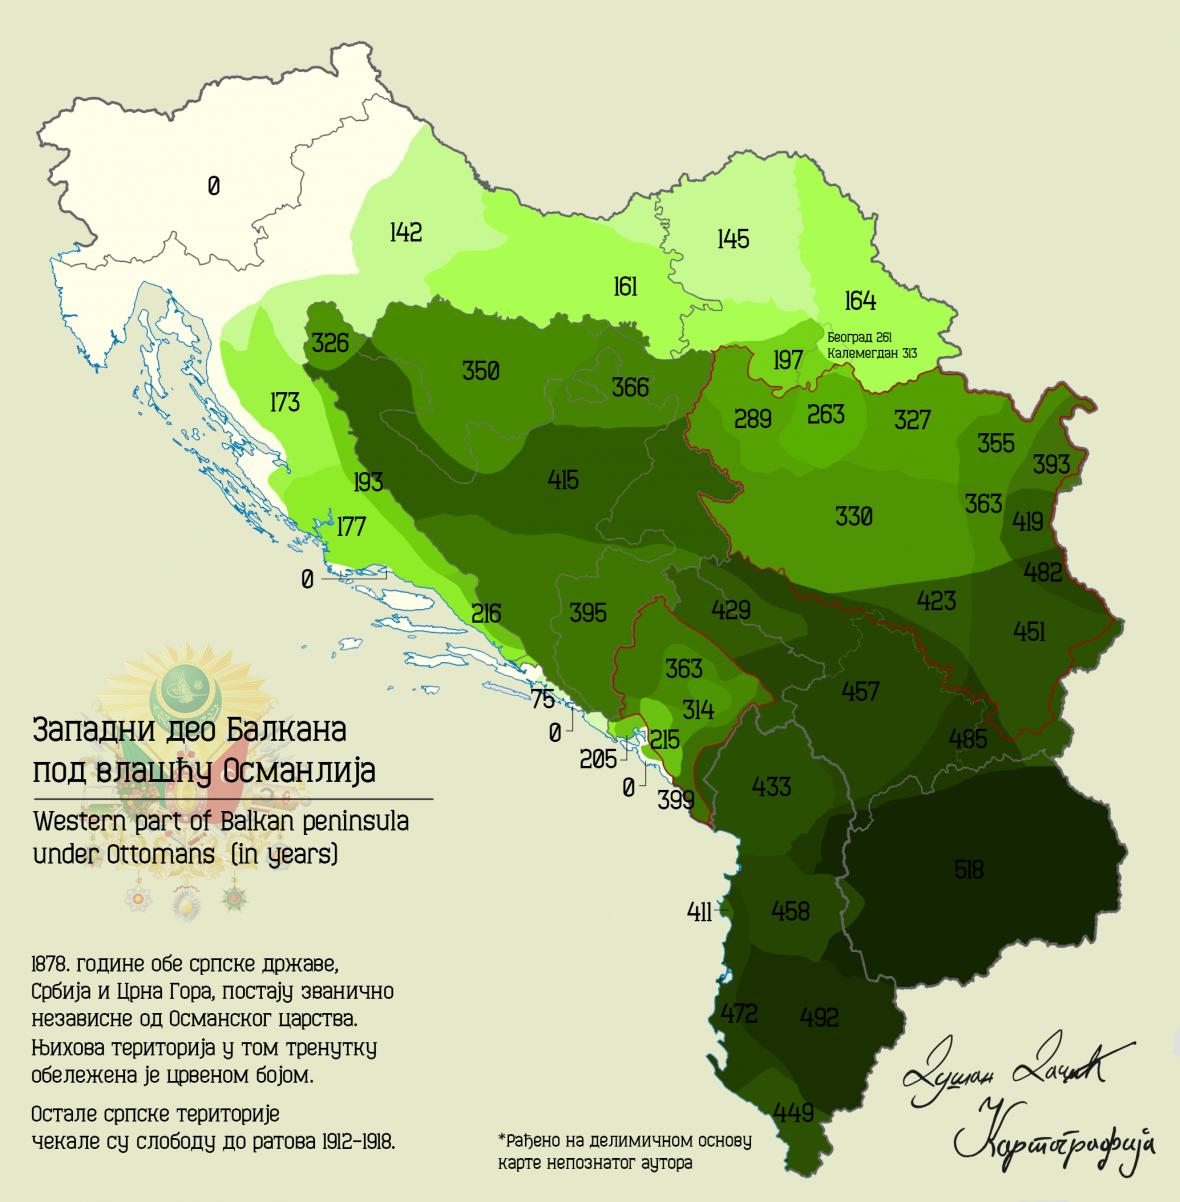 Doba osmanské vlády nad částmi západního Balkánu v letech